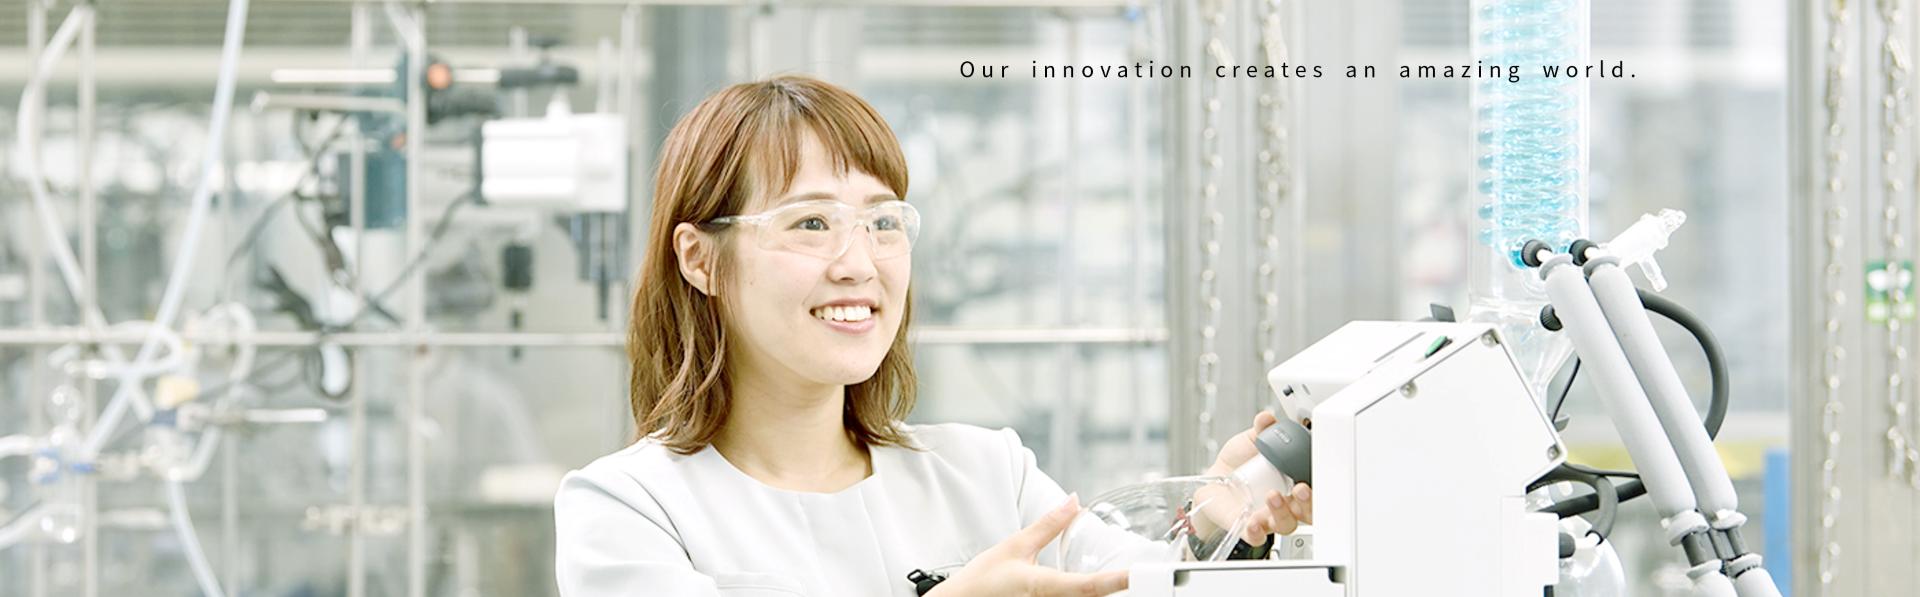 ENスライド2_innovation